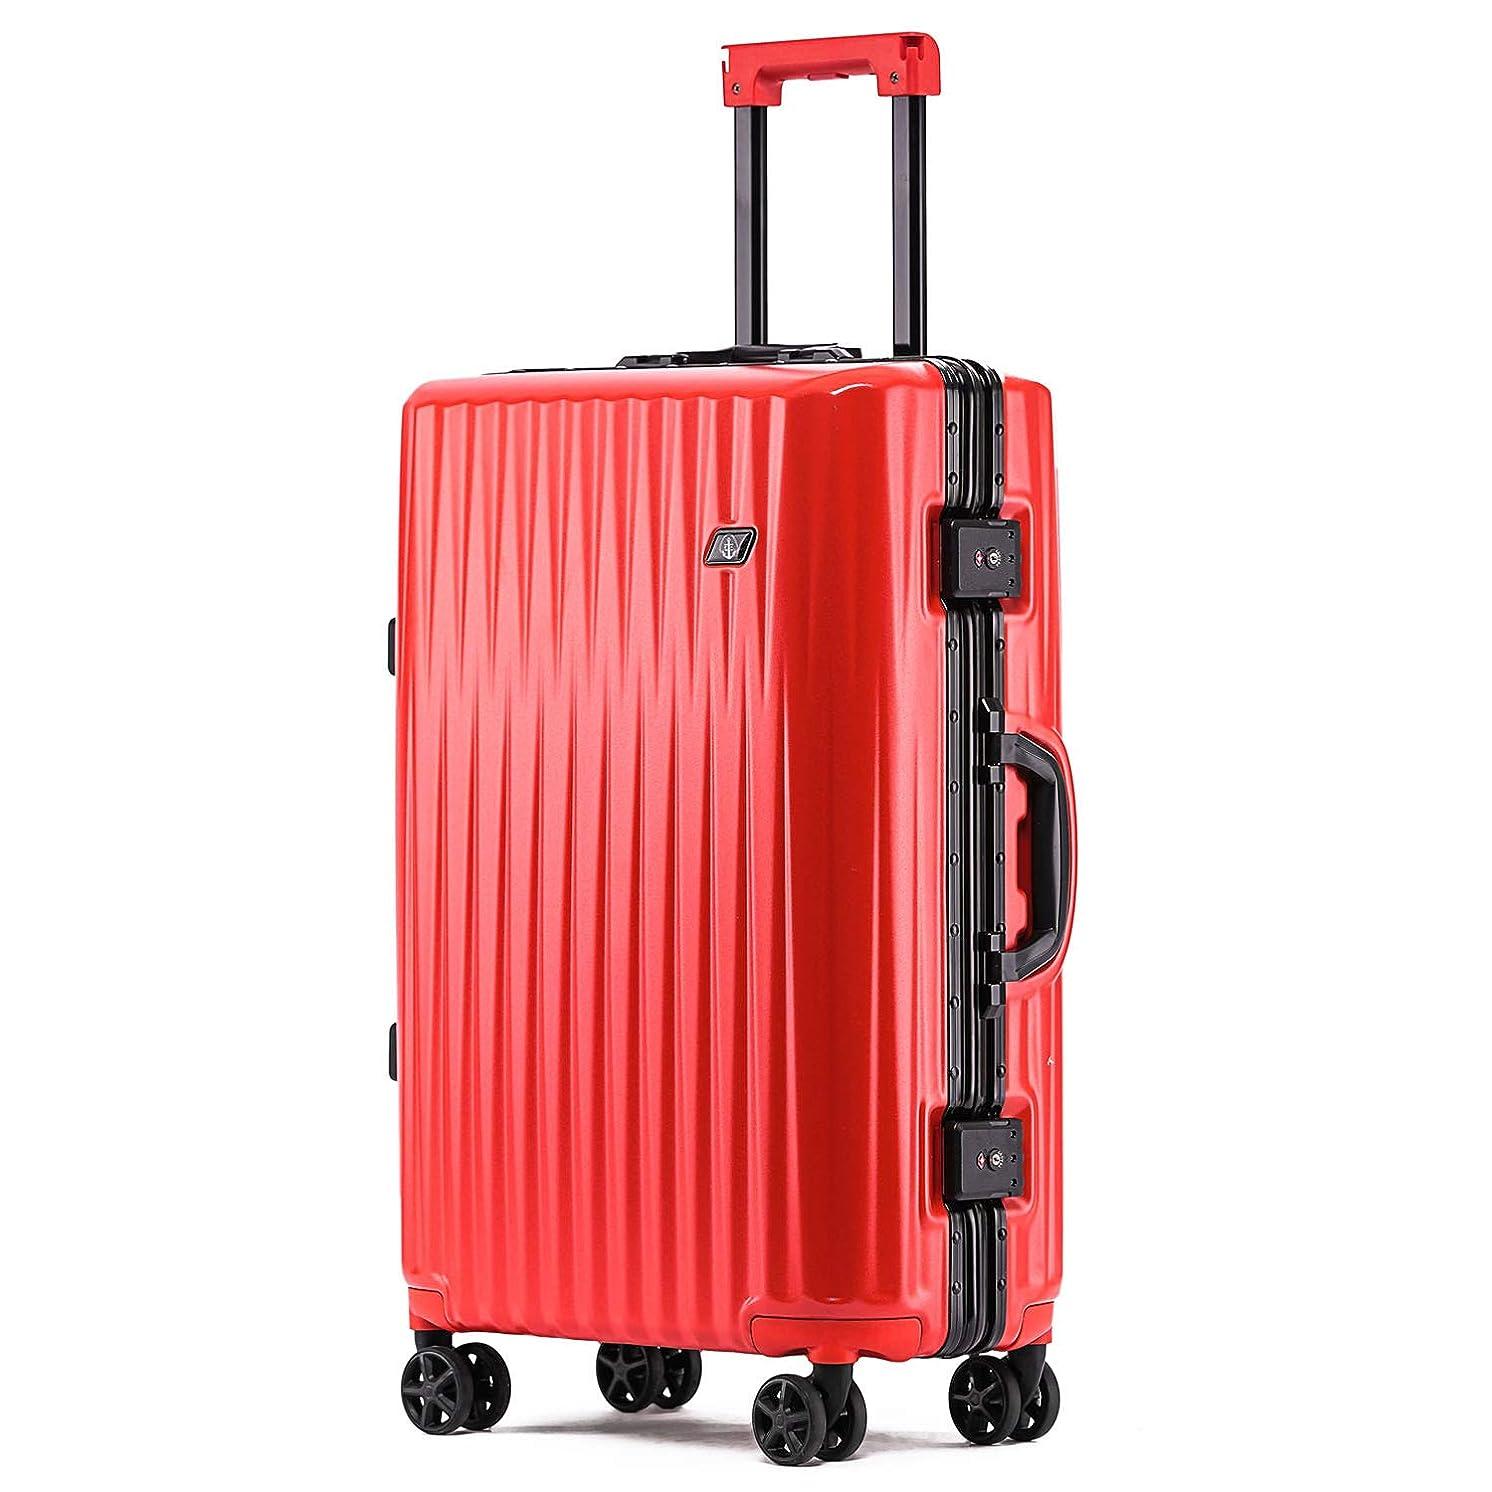 慢義務的スラッシュボンイージ(bonyage) スーツケース アルミフレーム 耐衝撃 キャリーケース 機内持込 キャリーケース 軽量 キャリーバッグ 人気 大型 TSAロック付き 静音 旅行出張 サメの歯形 1年保証